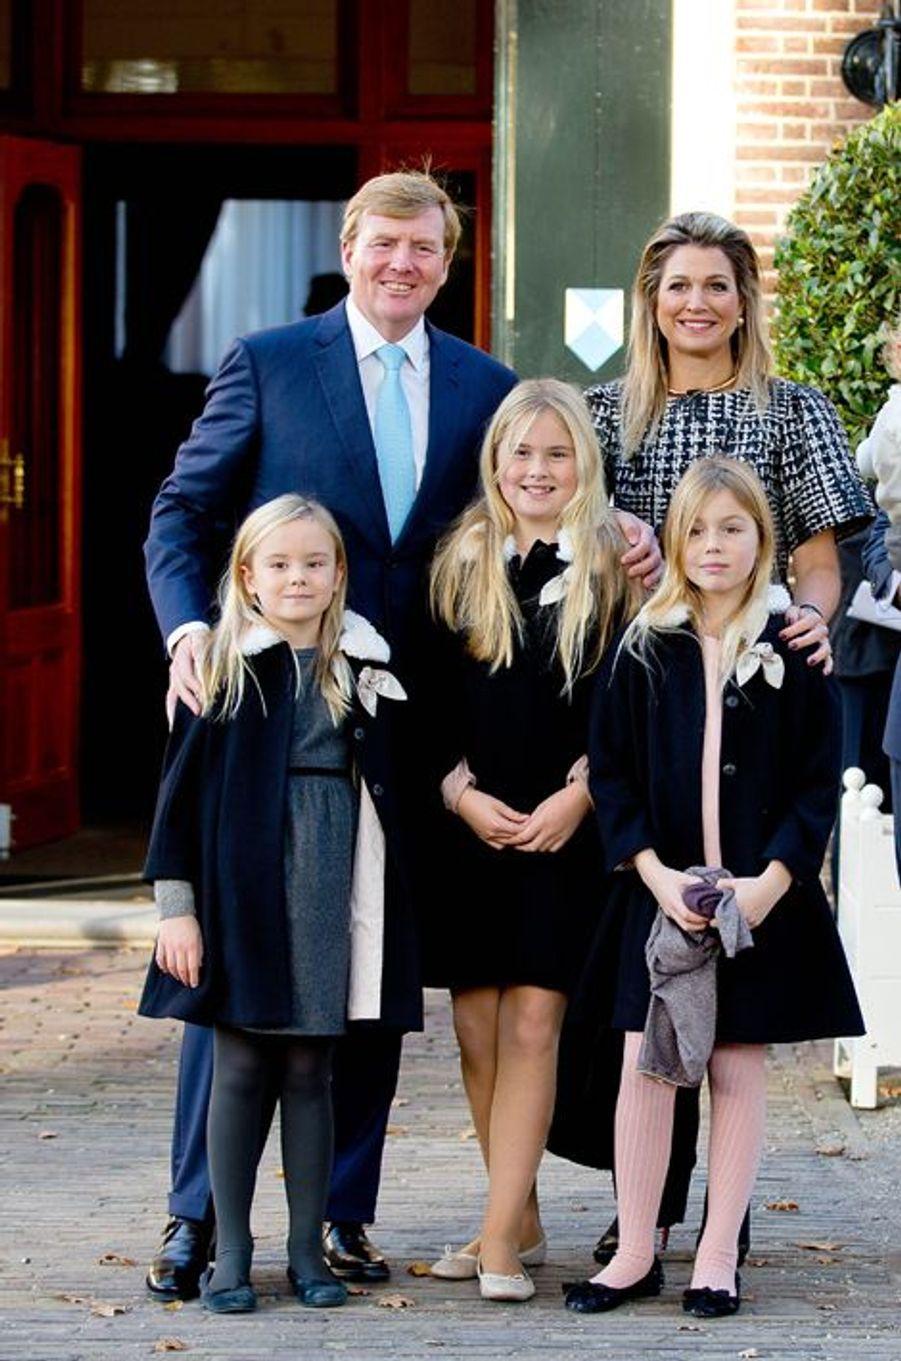 Le roi Willem-Alexander des Pays-Bas, la reine Maxima et leurs filles les princesses Catharina-Amalia, Alexia et Ariane, à Apeldoorn le 9 novembre...